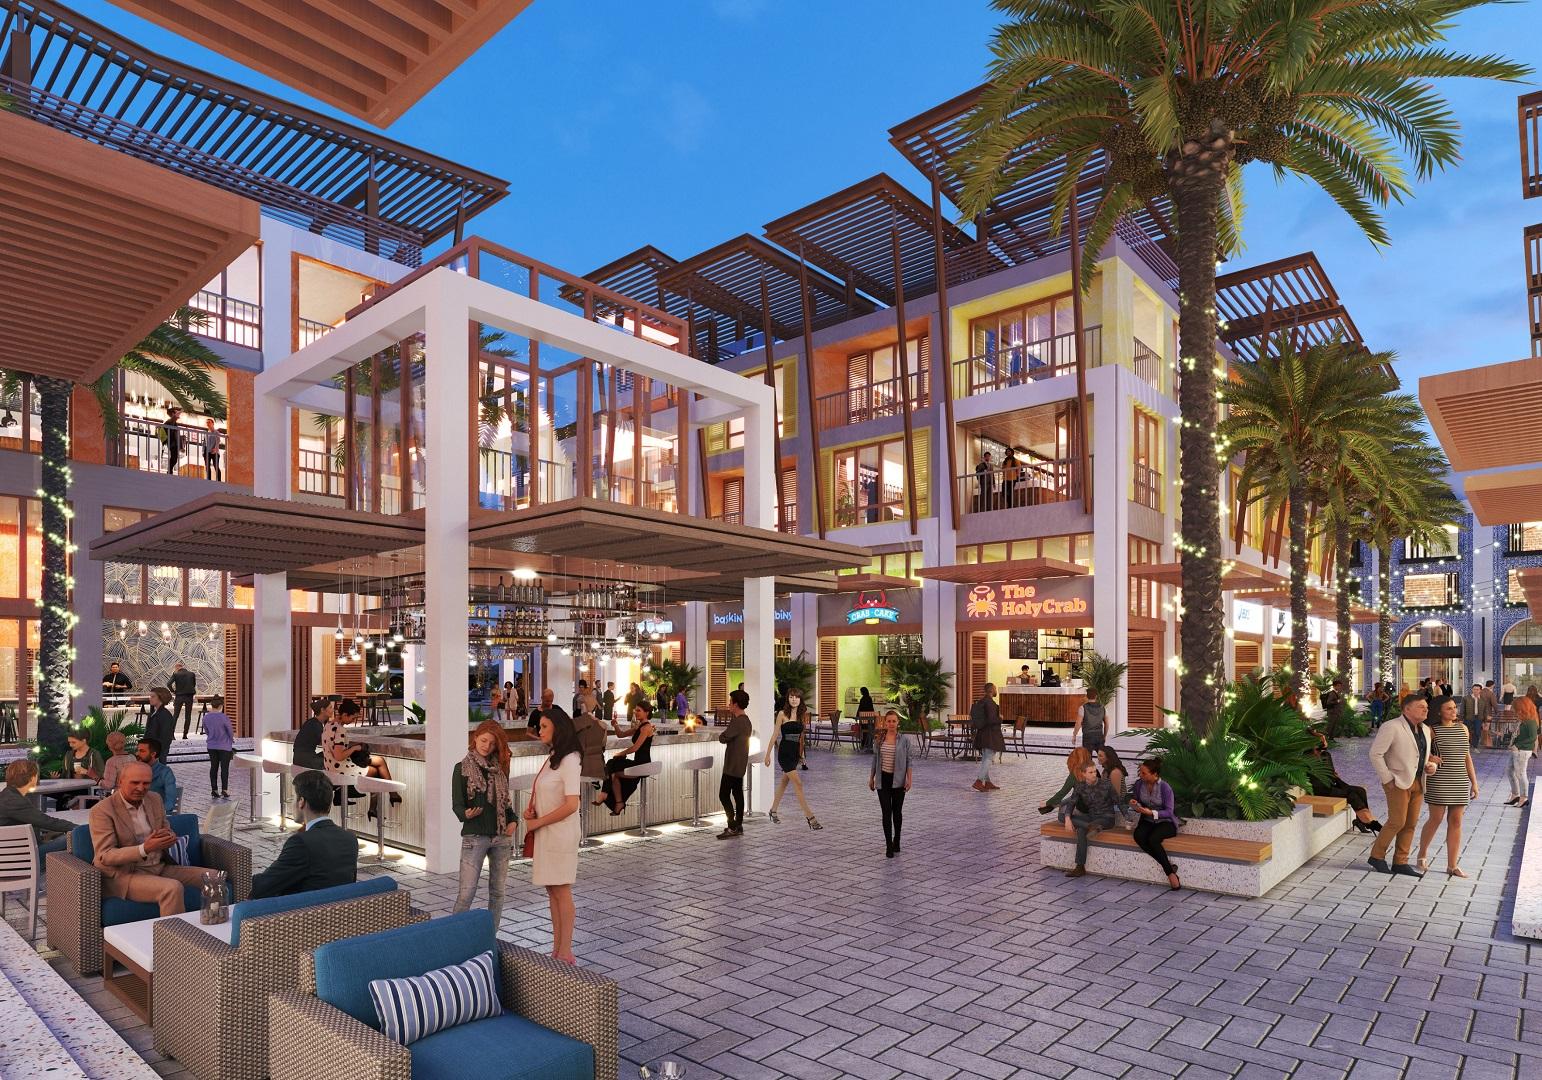 Shophouse Polynesia Vega City Bãi Tiên Nha Trang